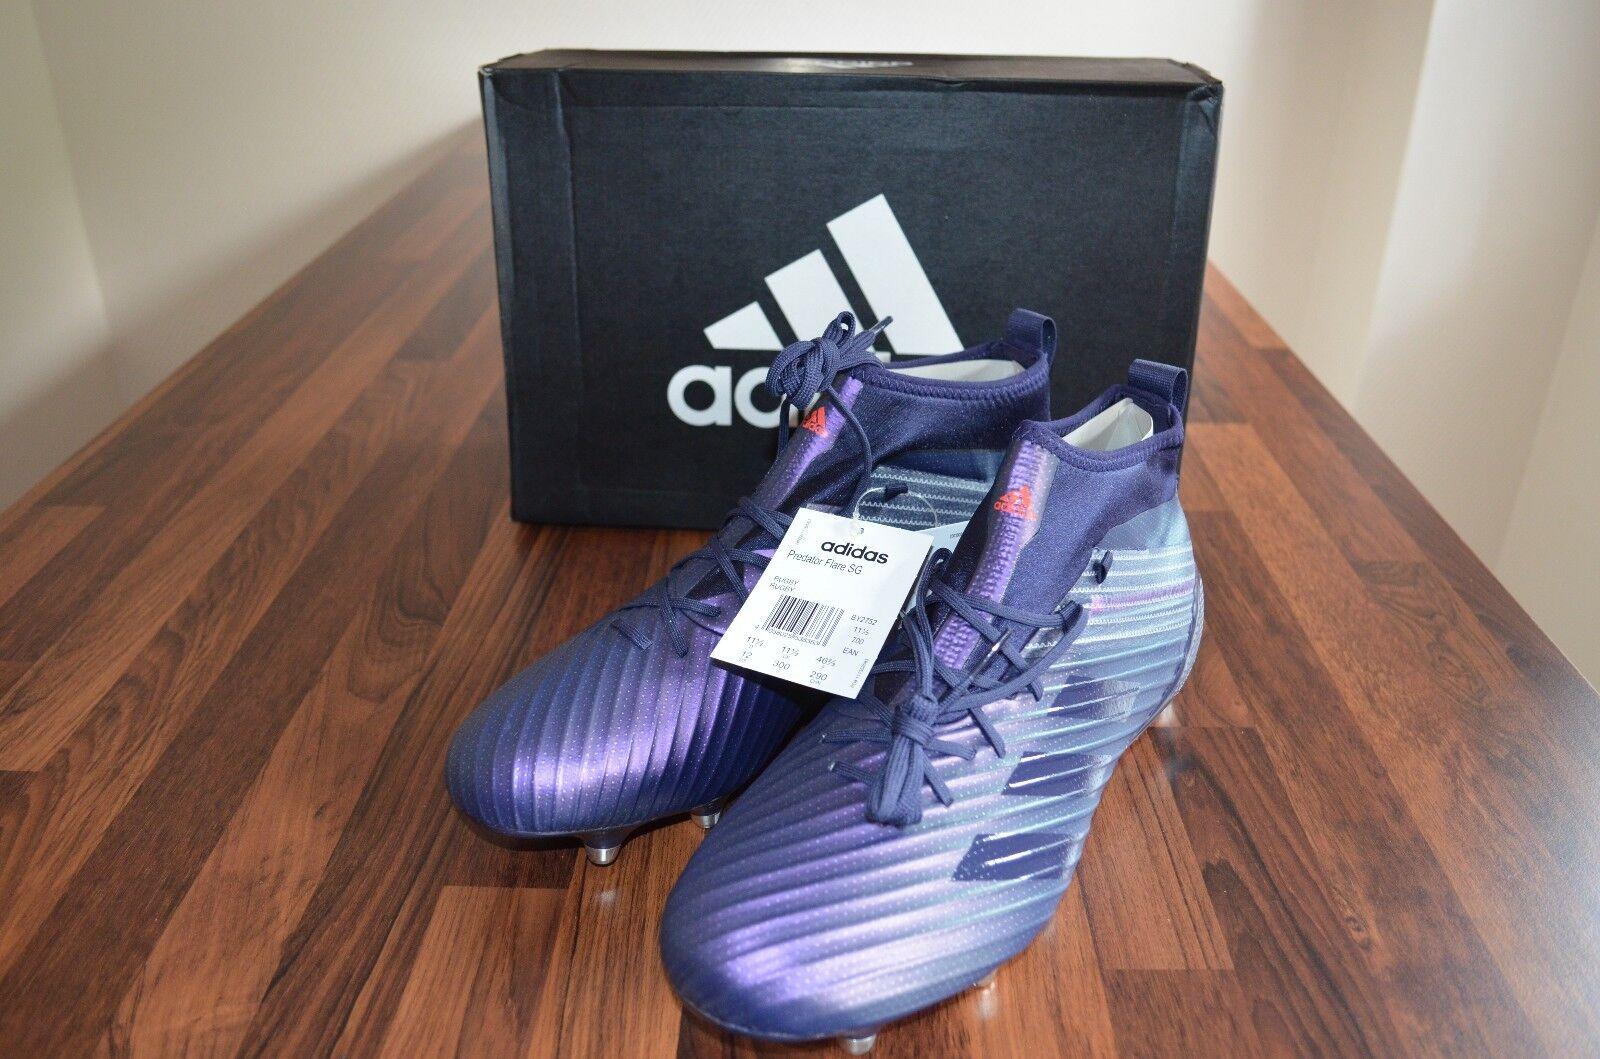 Adidas Protator Flare SG By2752 Größe 7 5 und 11 5